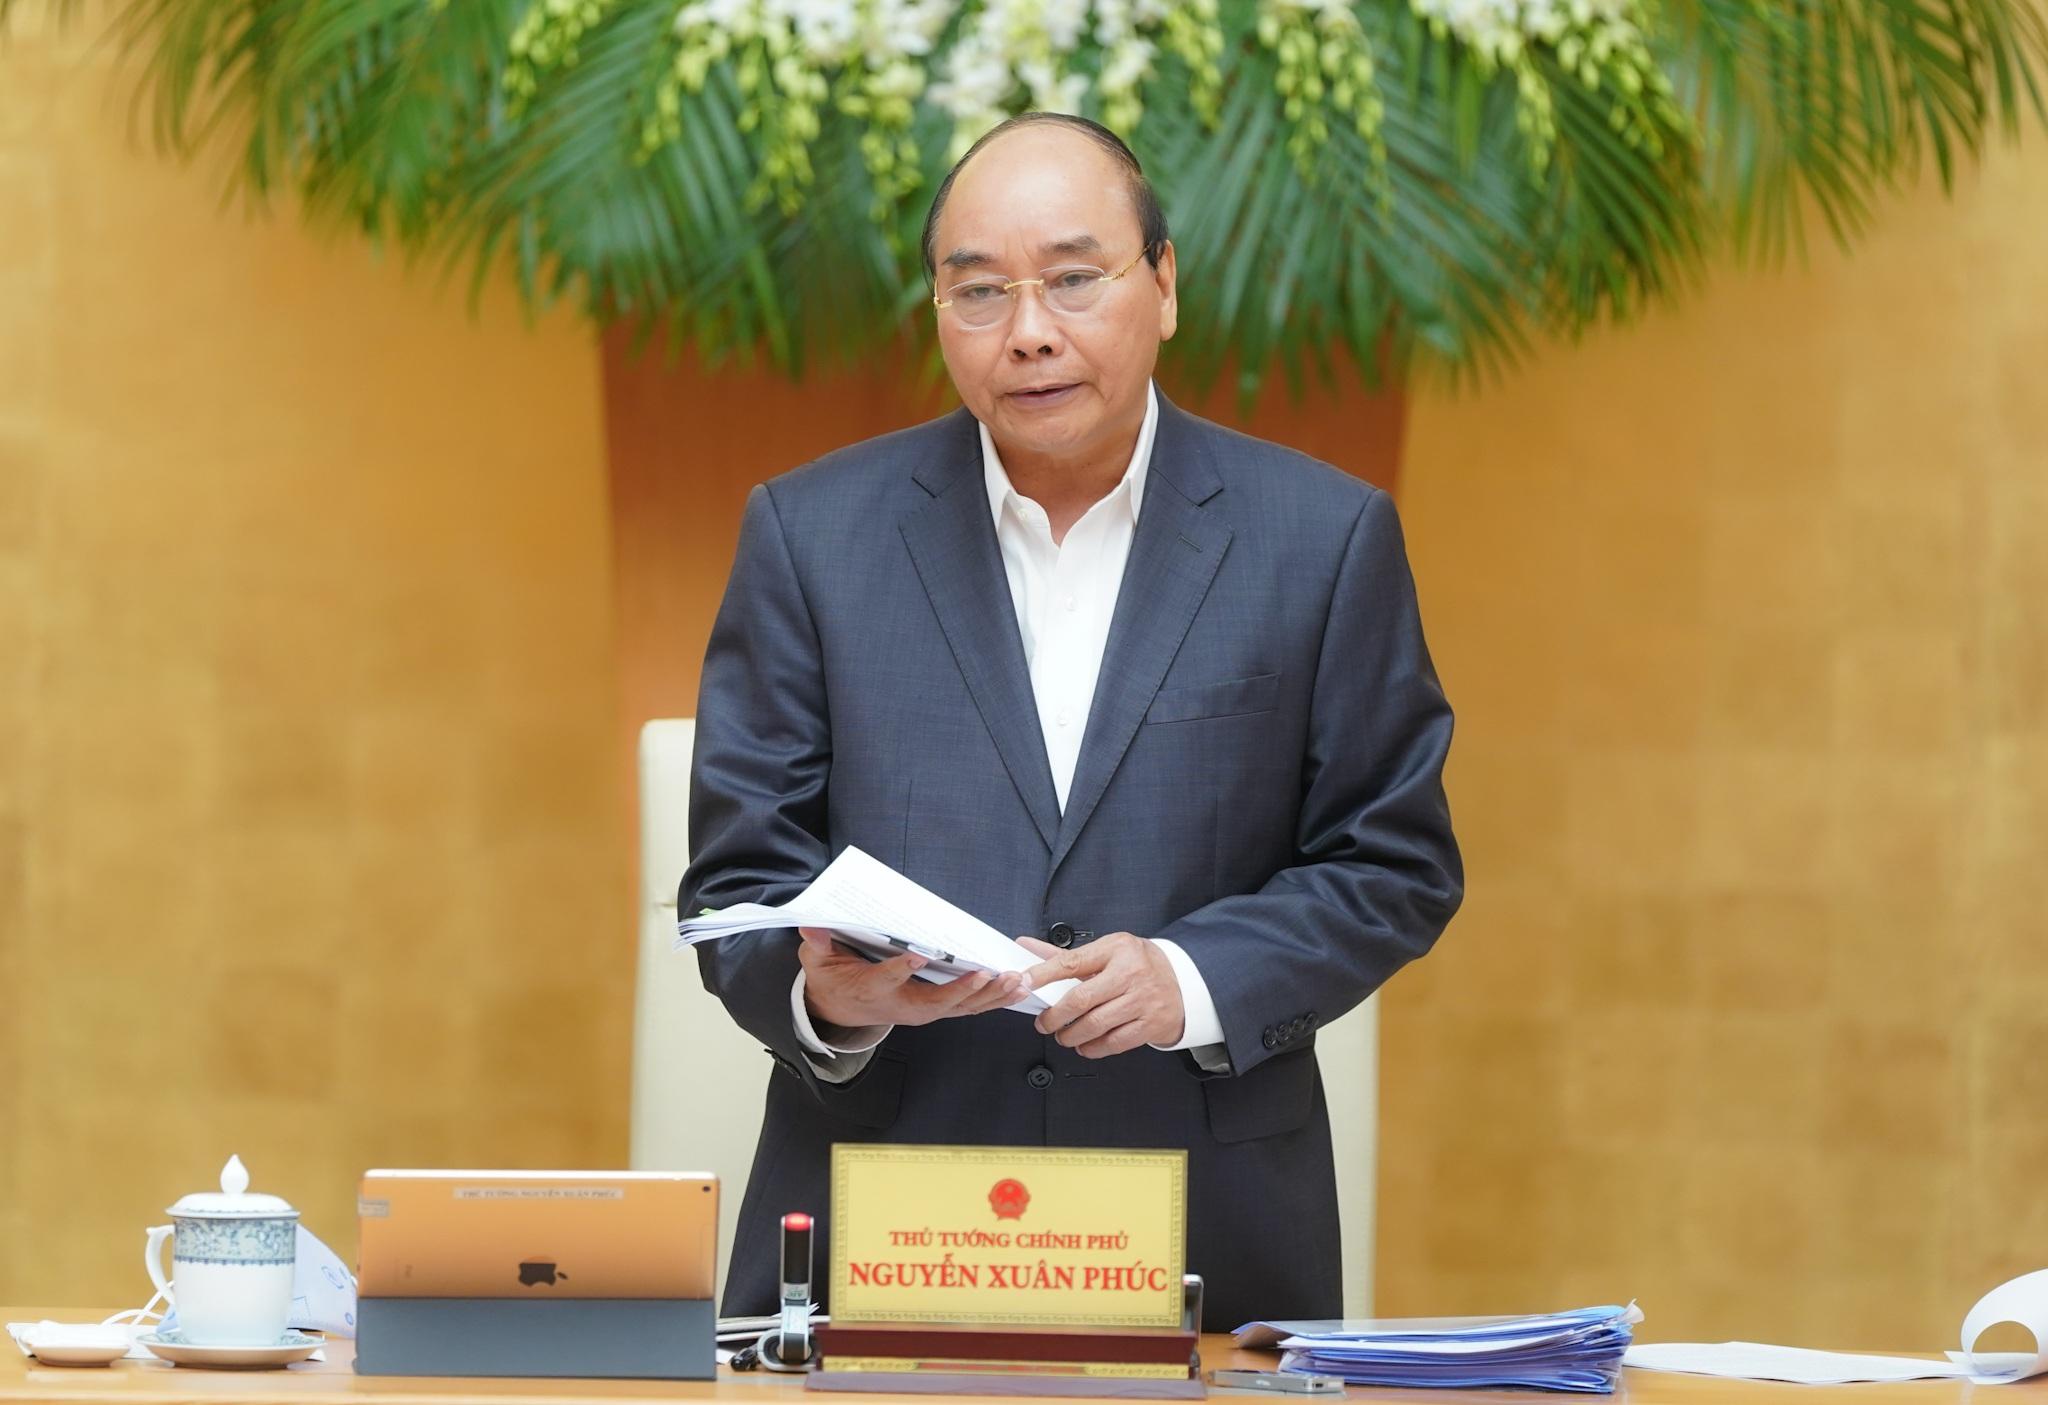 Thủ tướng: Nền kinh tế Việt Nam vẫn đứng vững trước